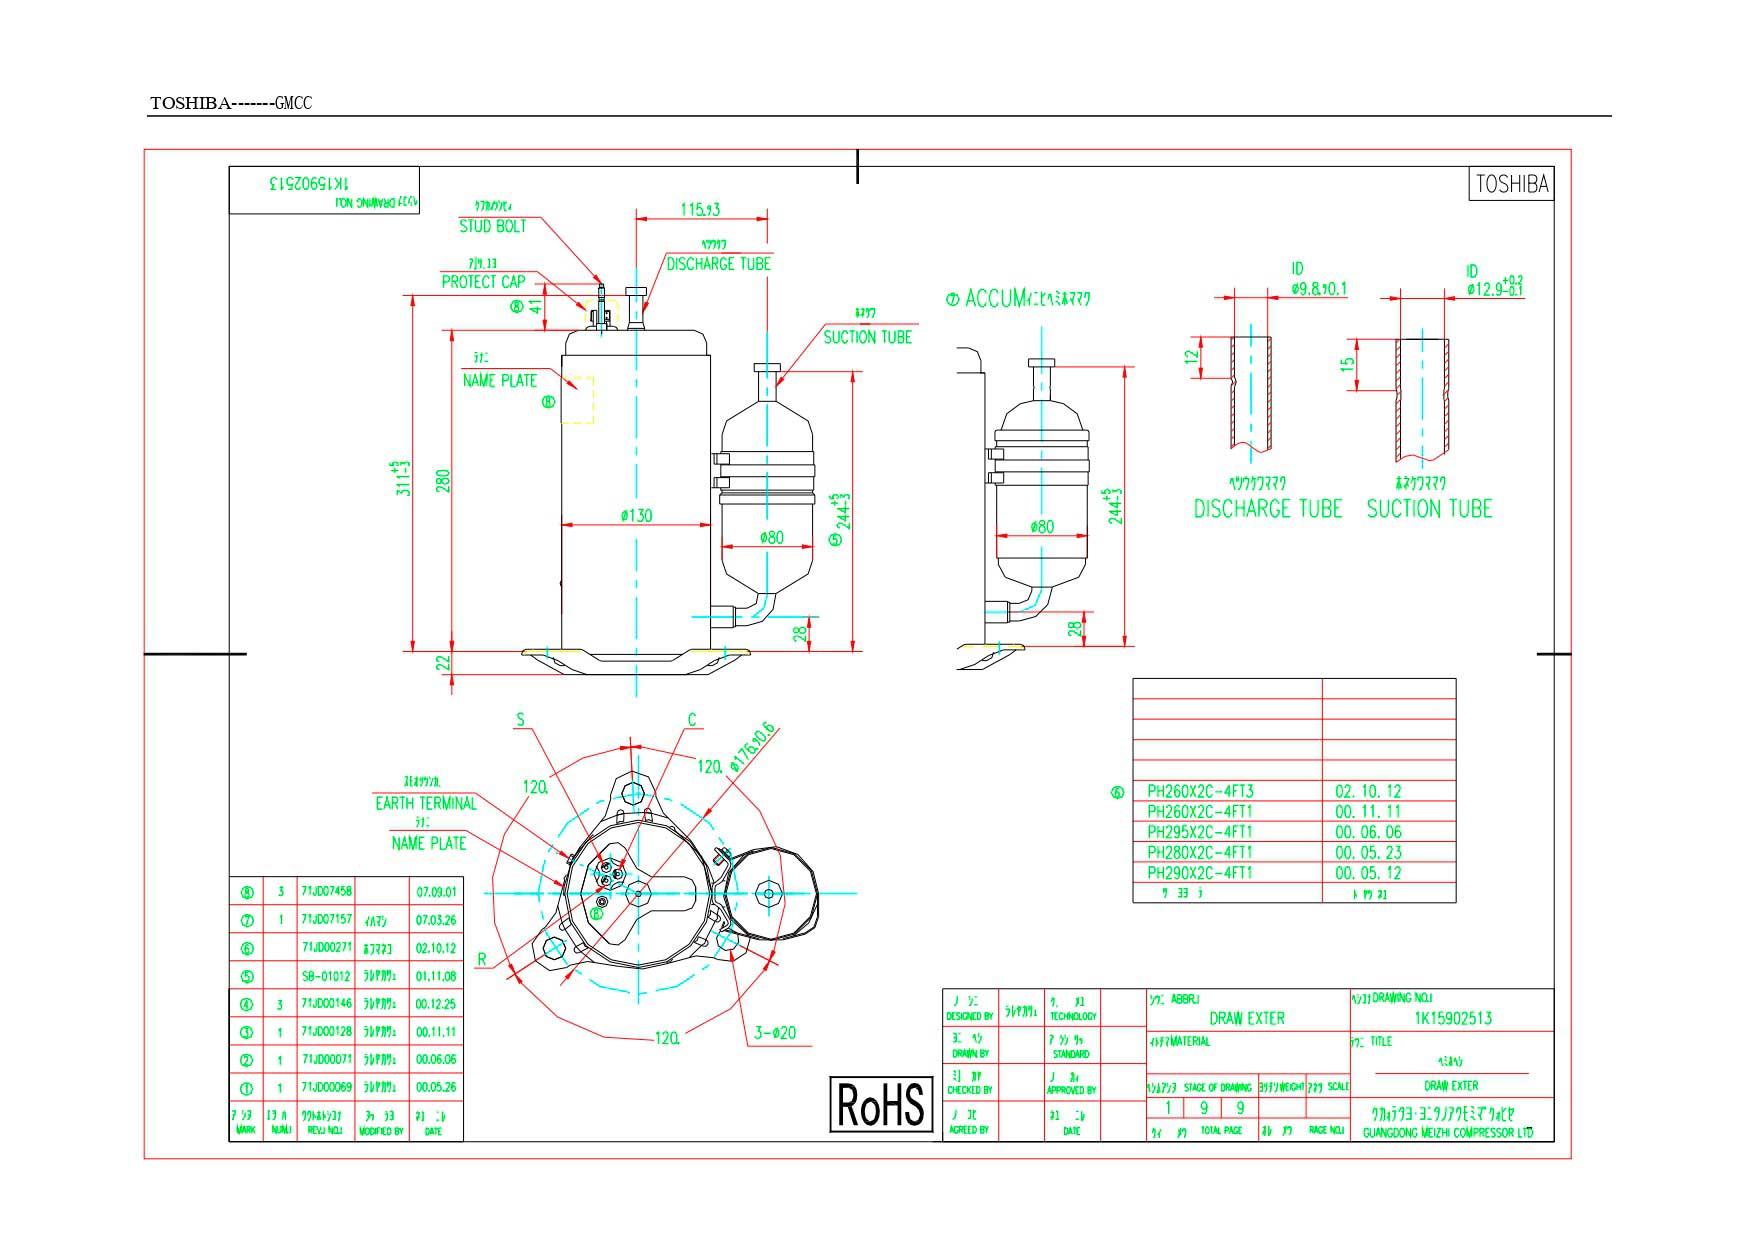 GMCC PH260X2C-4FT1 характеристики